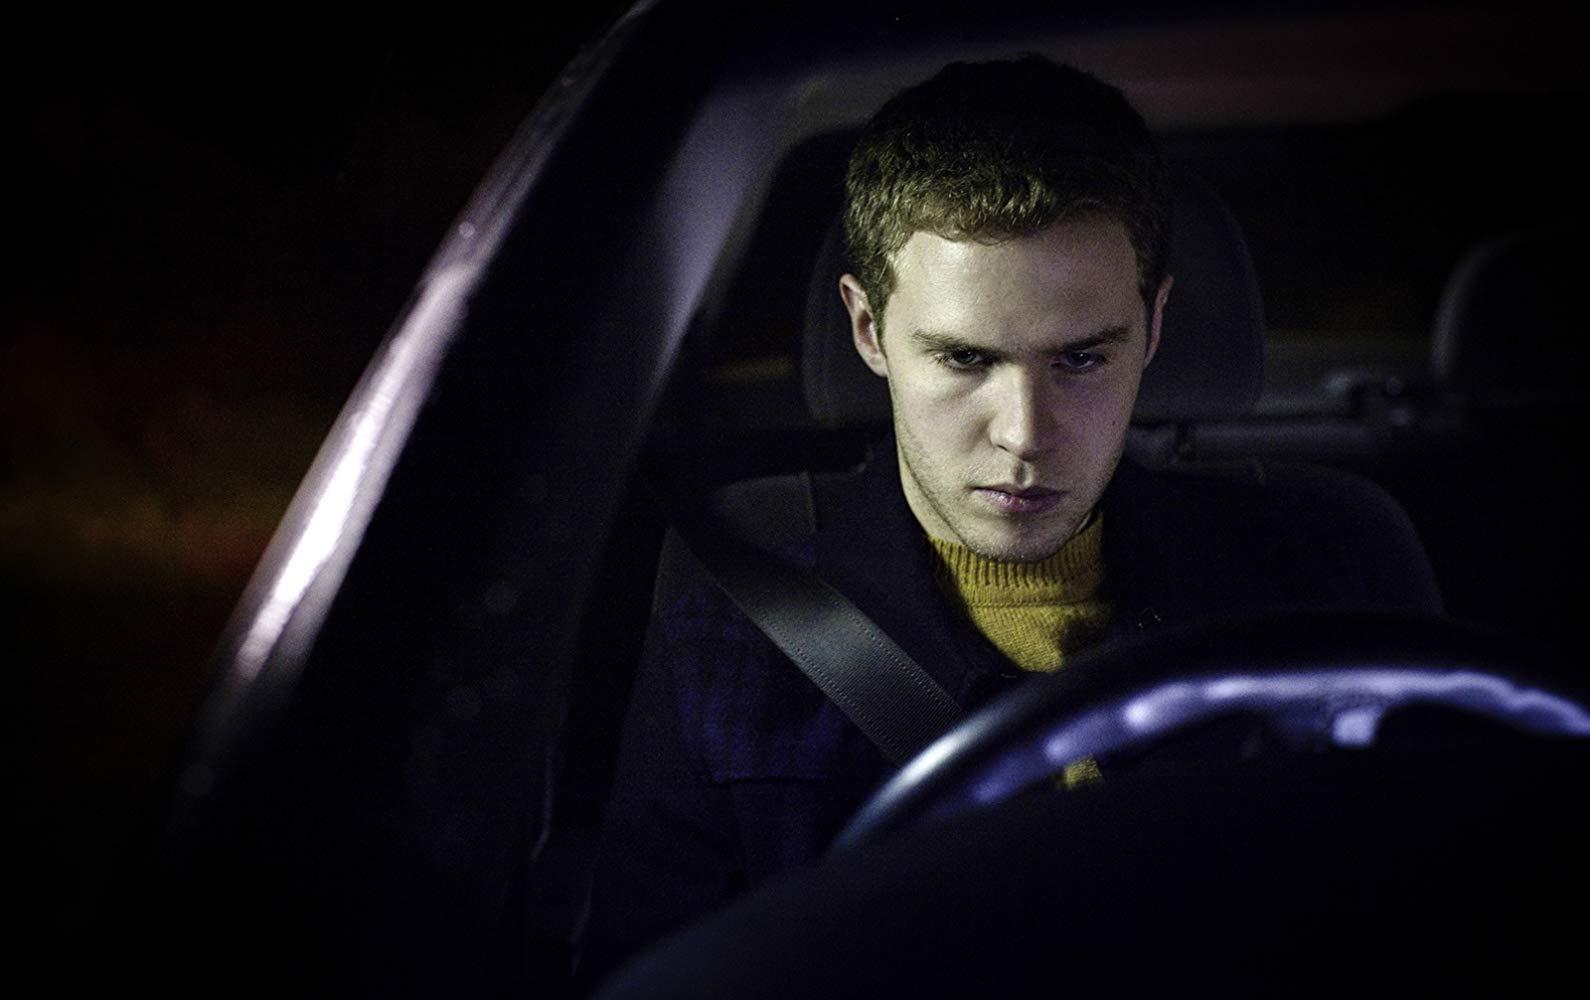 Iain De Caestecker behind the wheel in In Fear (2013)